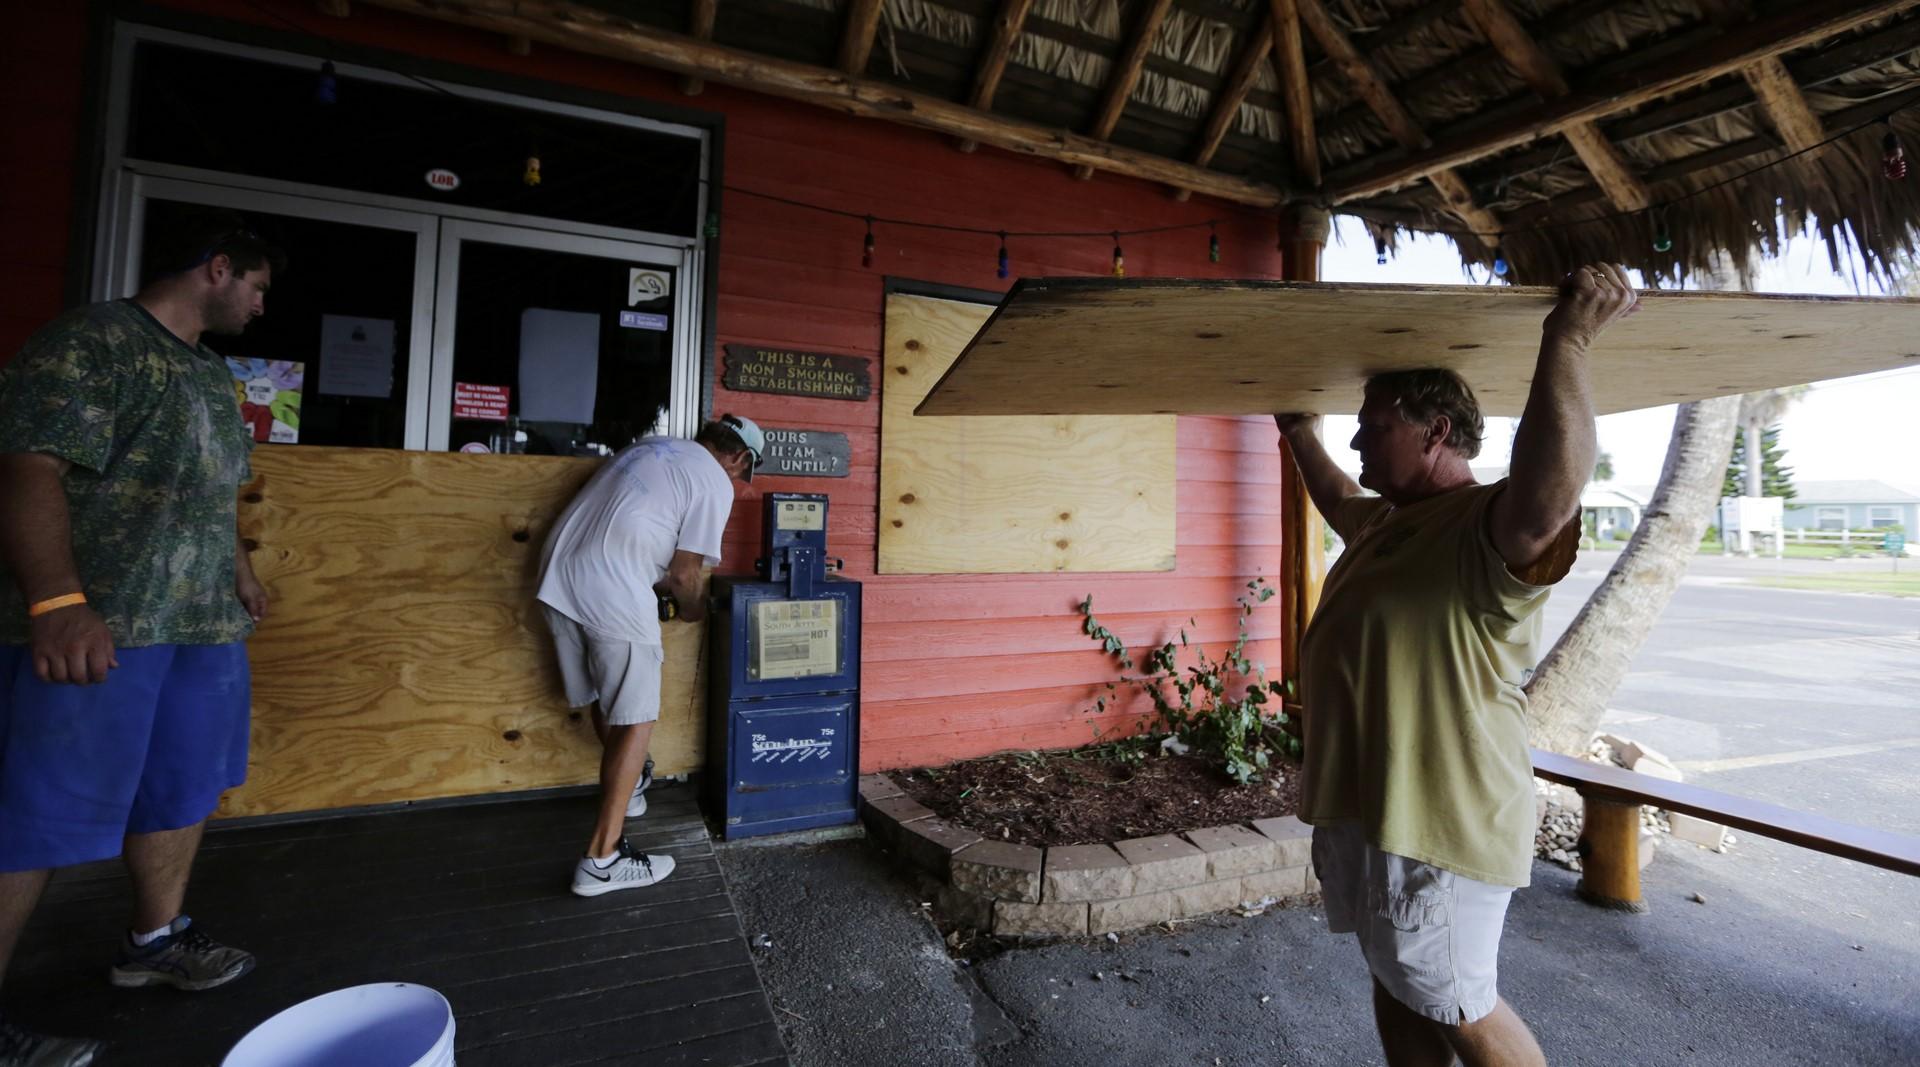 Habitantes de Texas se preparan para el impacto del huracán Harvey'